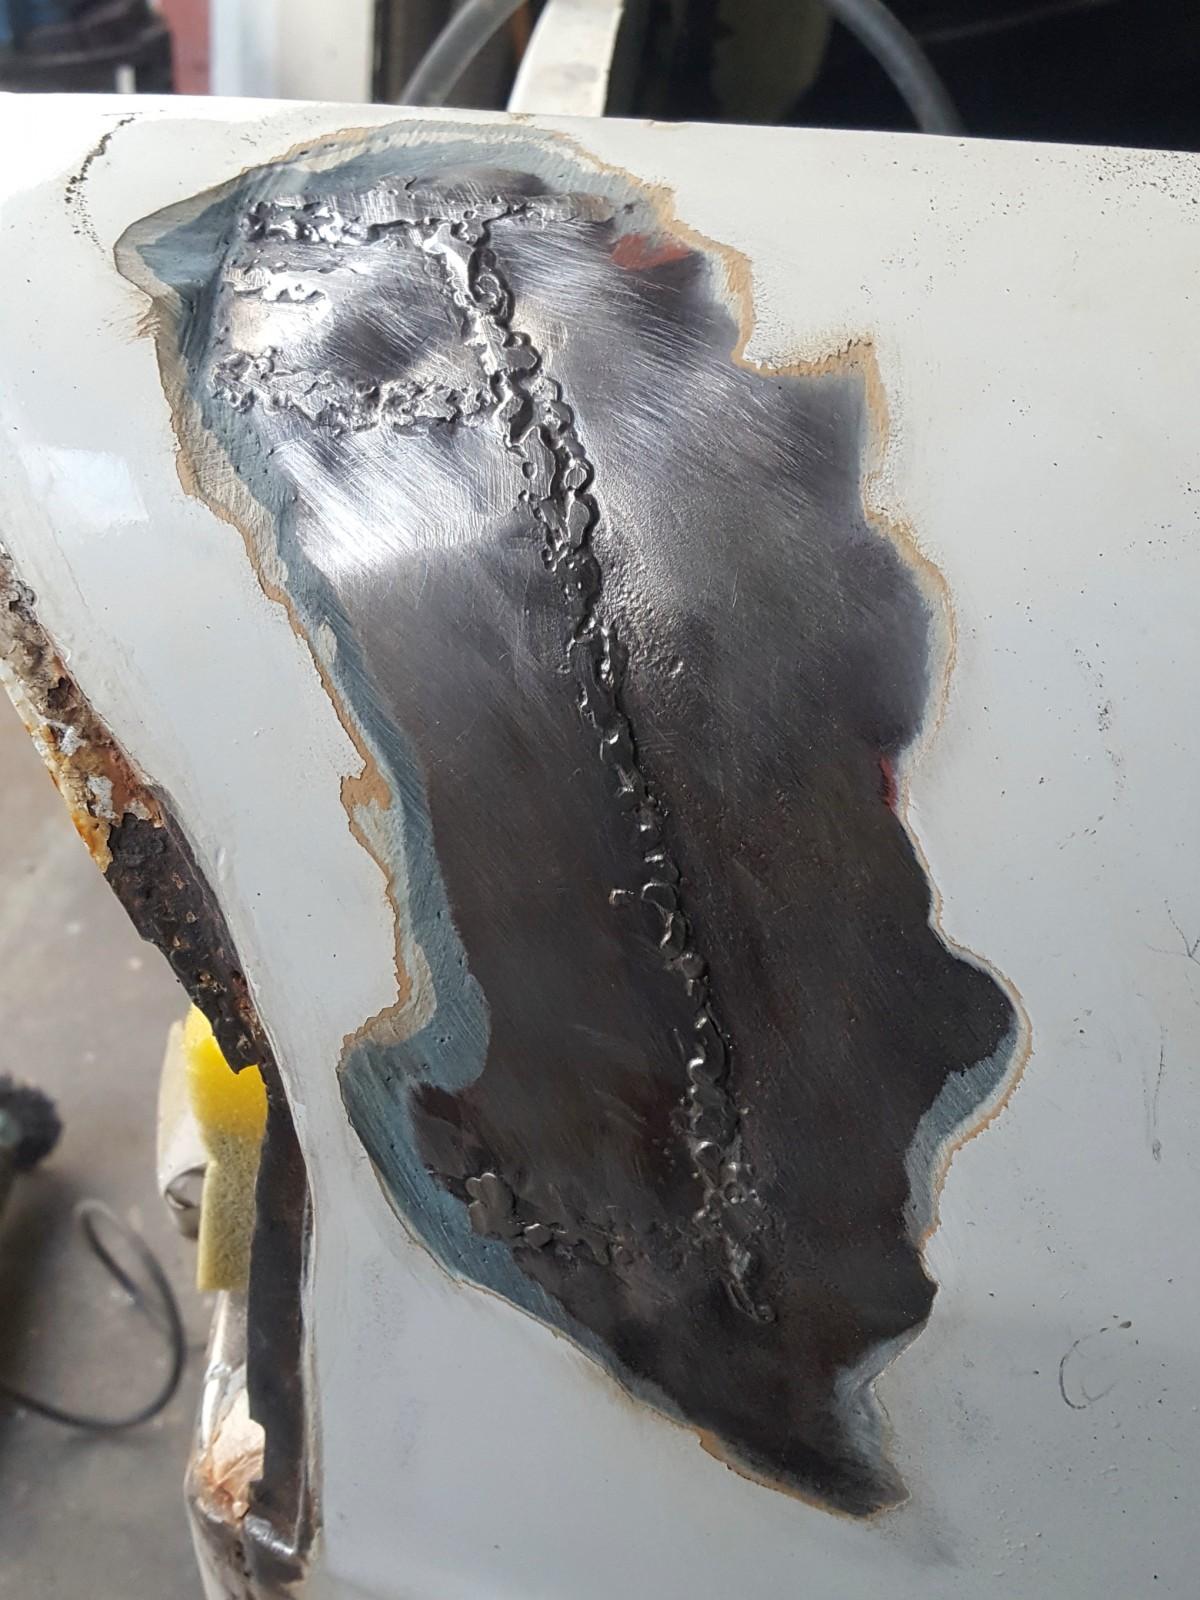 En liten spricka i lacken avslöjade en rejält ful lagning under 1-2 centimeter av glasfiberspackel..  Bilen har varit lite krockad både fram och bak.  Här blev inte annat att göra än slipa bort allt och bygga upp med tenn istället.